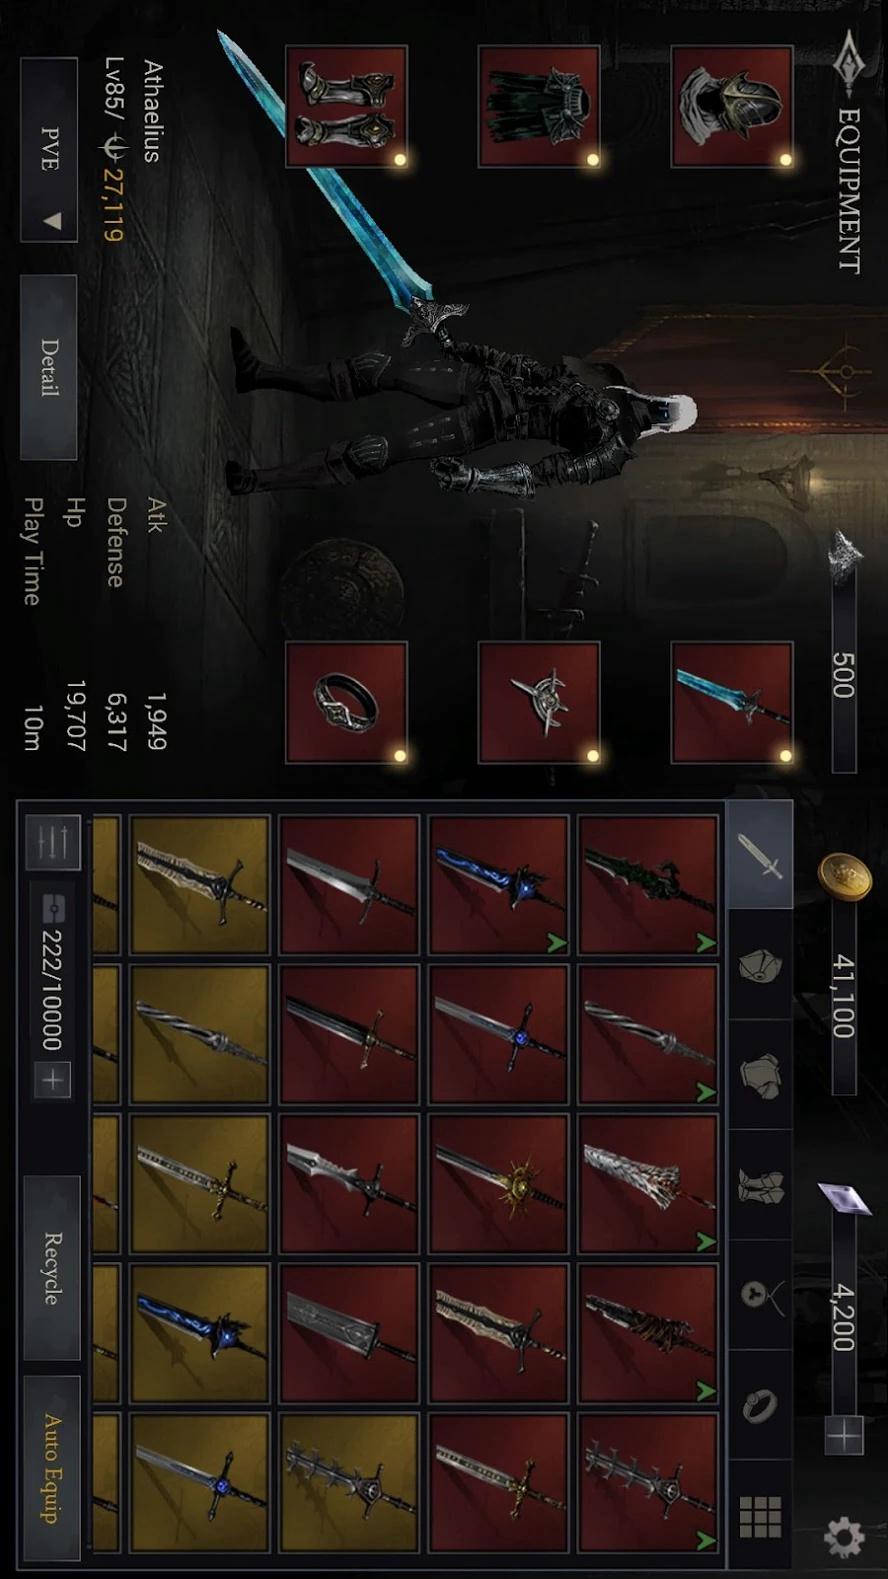 暗影猎手游戏截图